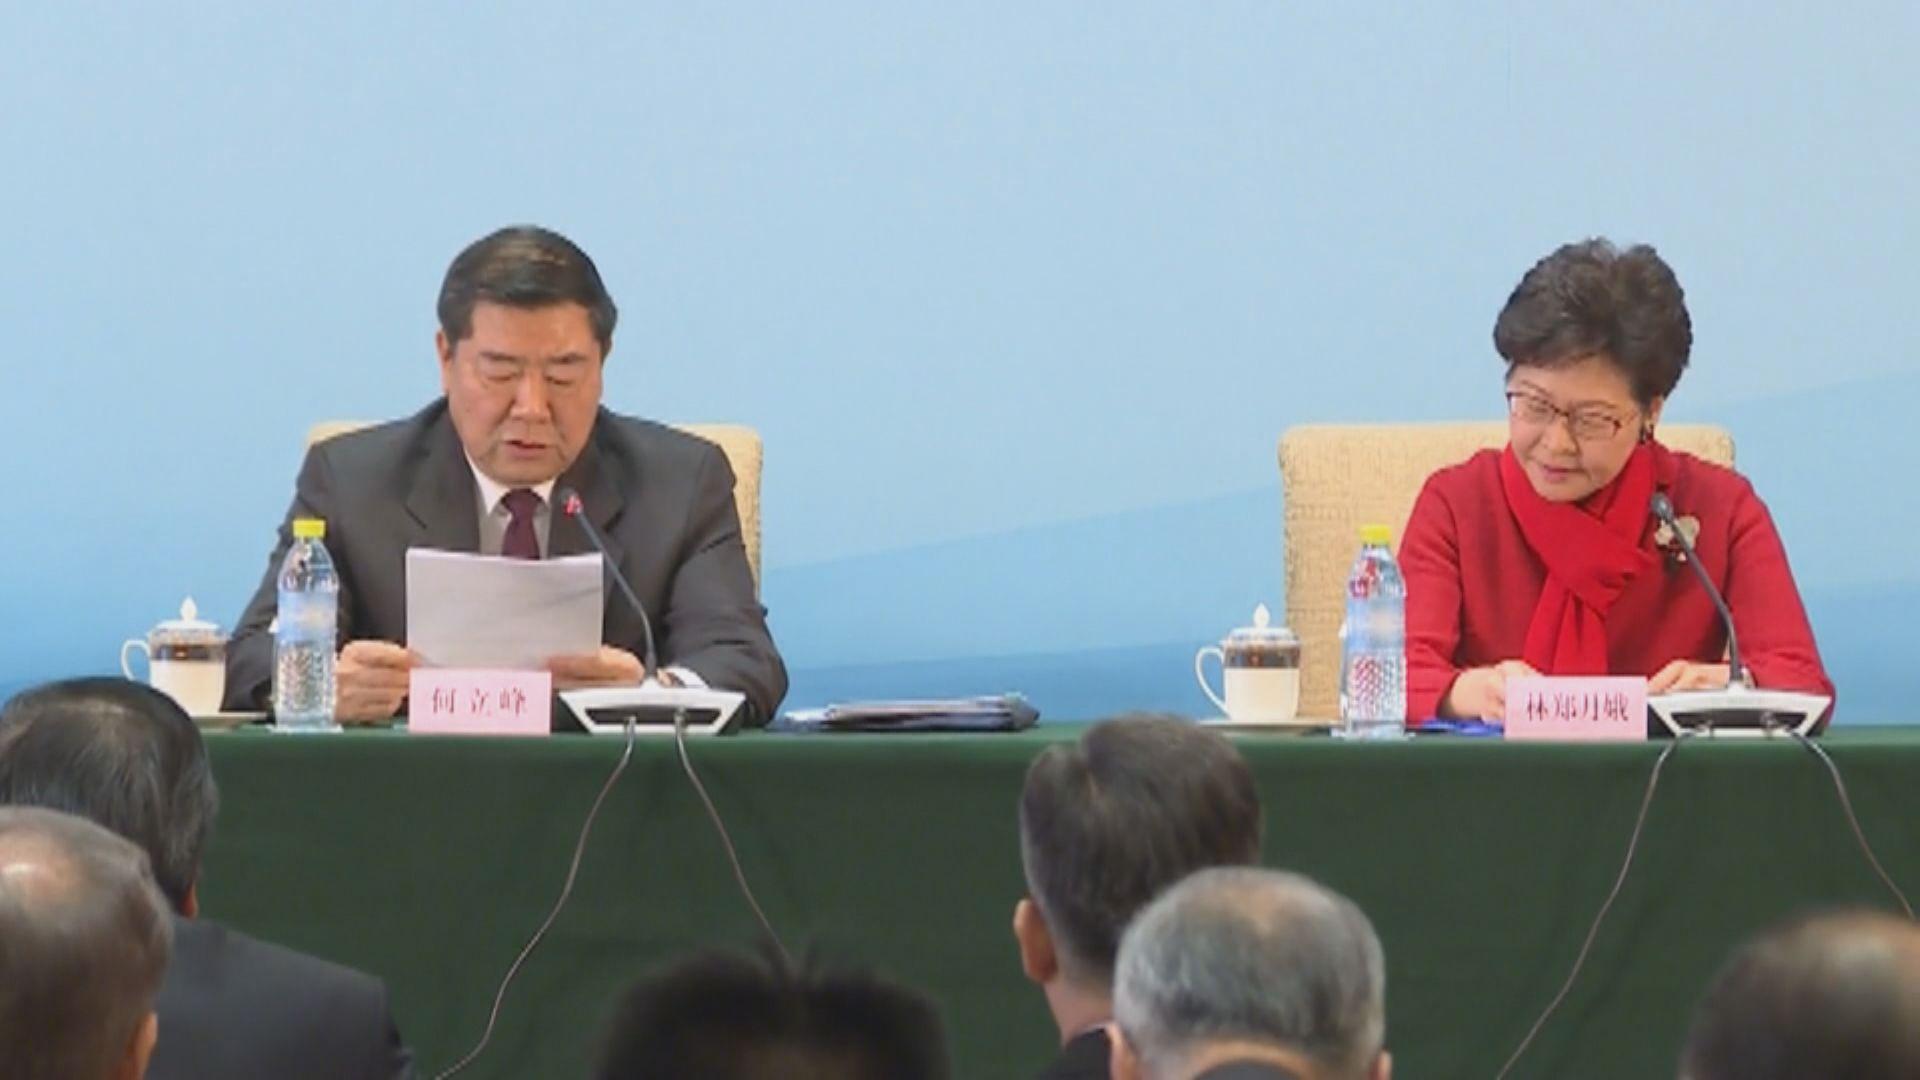 林鄭月娥:冀訪問團為香港發展帶來信心信任